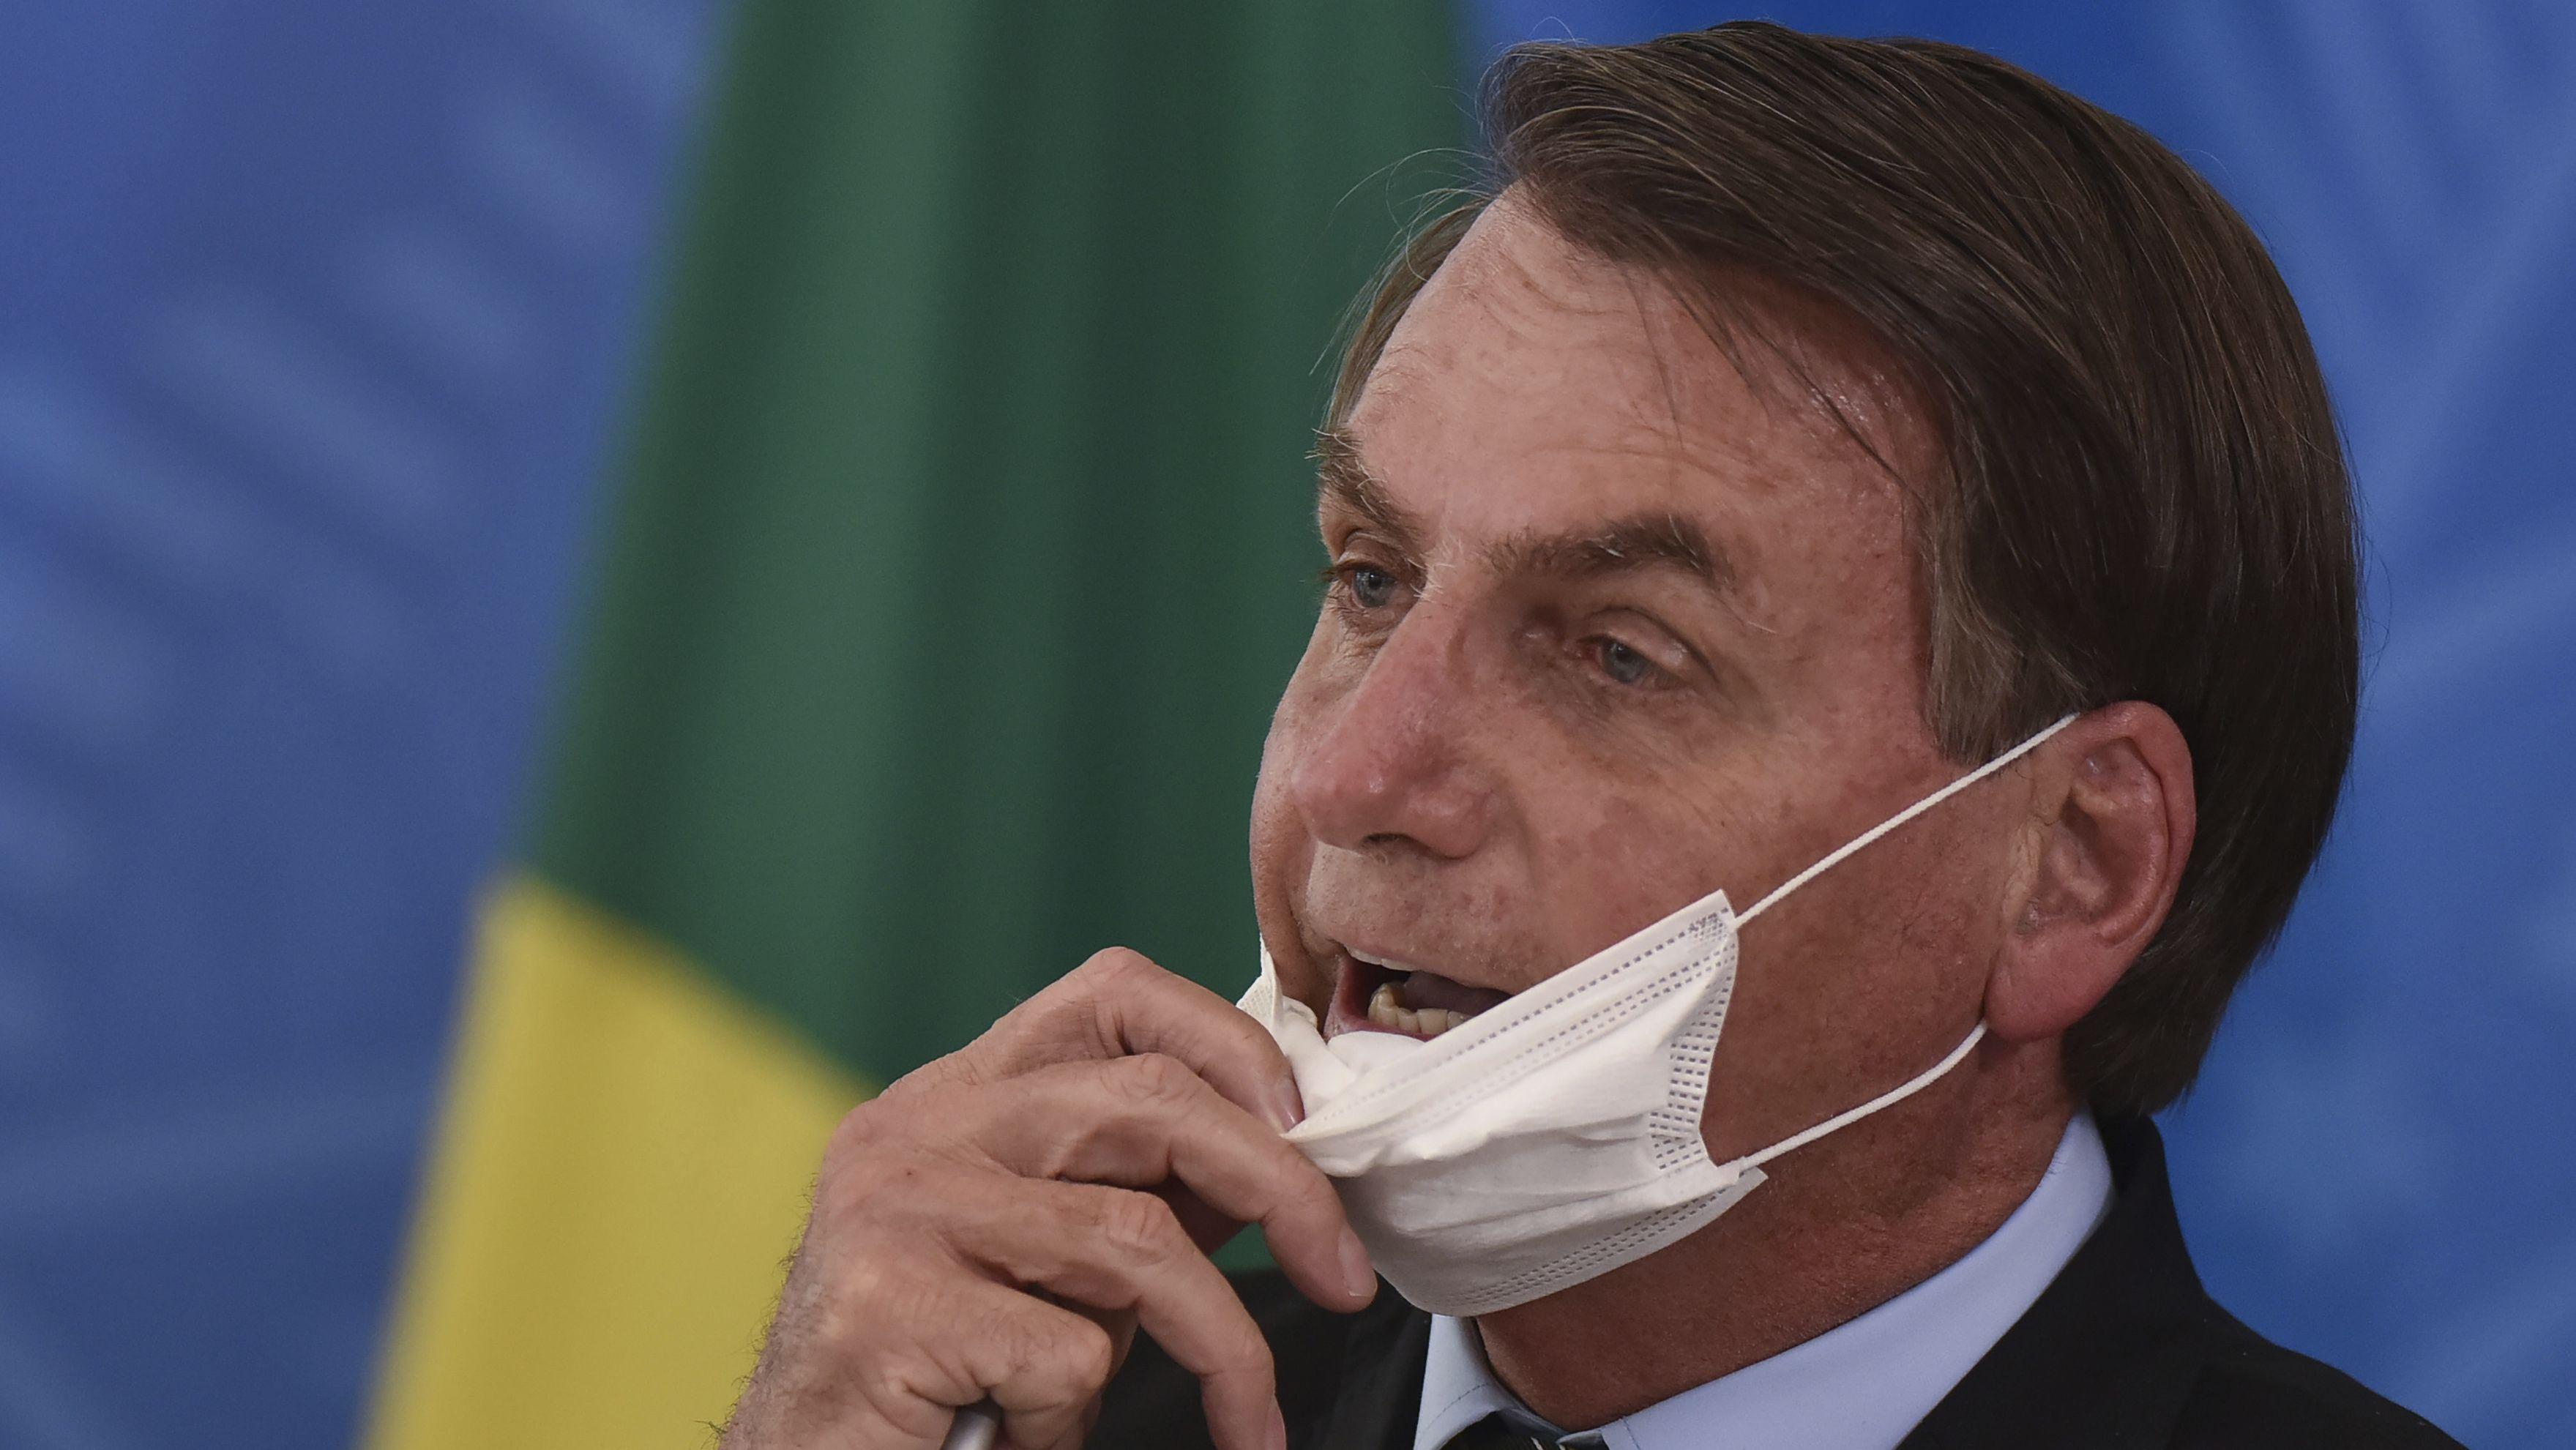 Brasiliens Präsident Jair Bolsonaro sieht in der Coronakrise nichts als Hysterie und Verschwörung. Hier nimmt er seinen Mundschutz ab, um mit Journalisten zu sprechen.